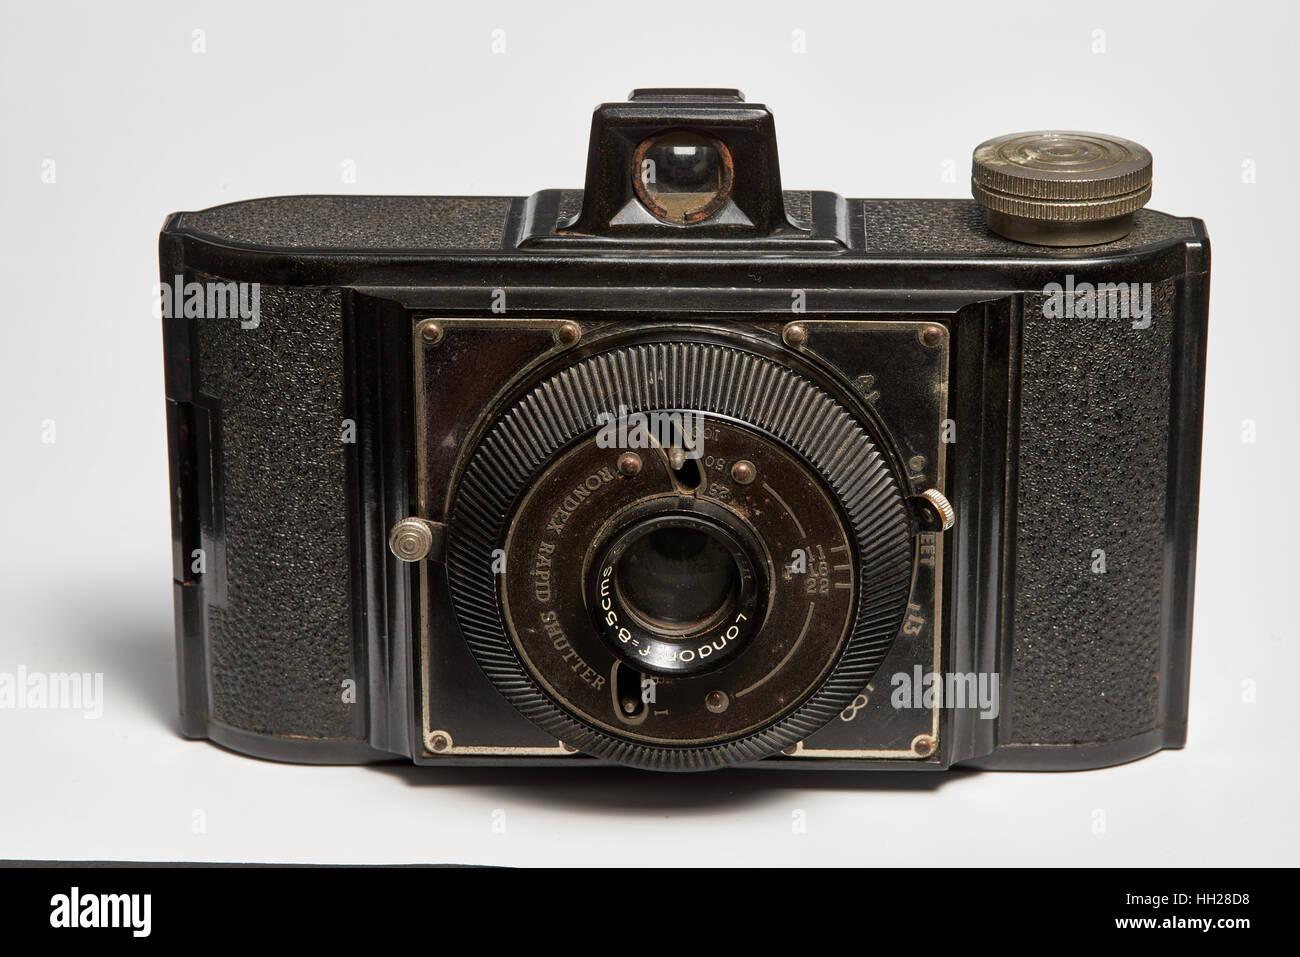 WEMBLEY SPORTS analog film camera - Stock Image